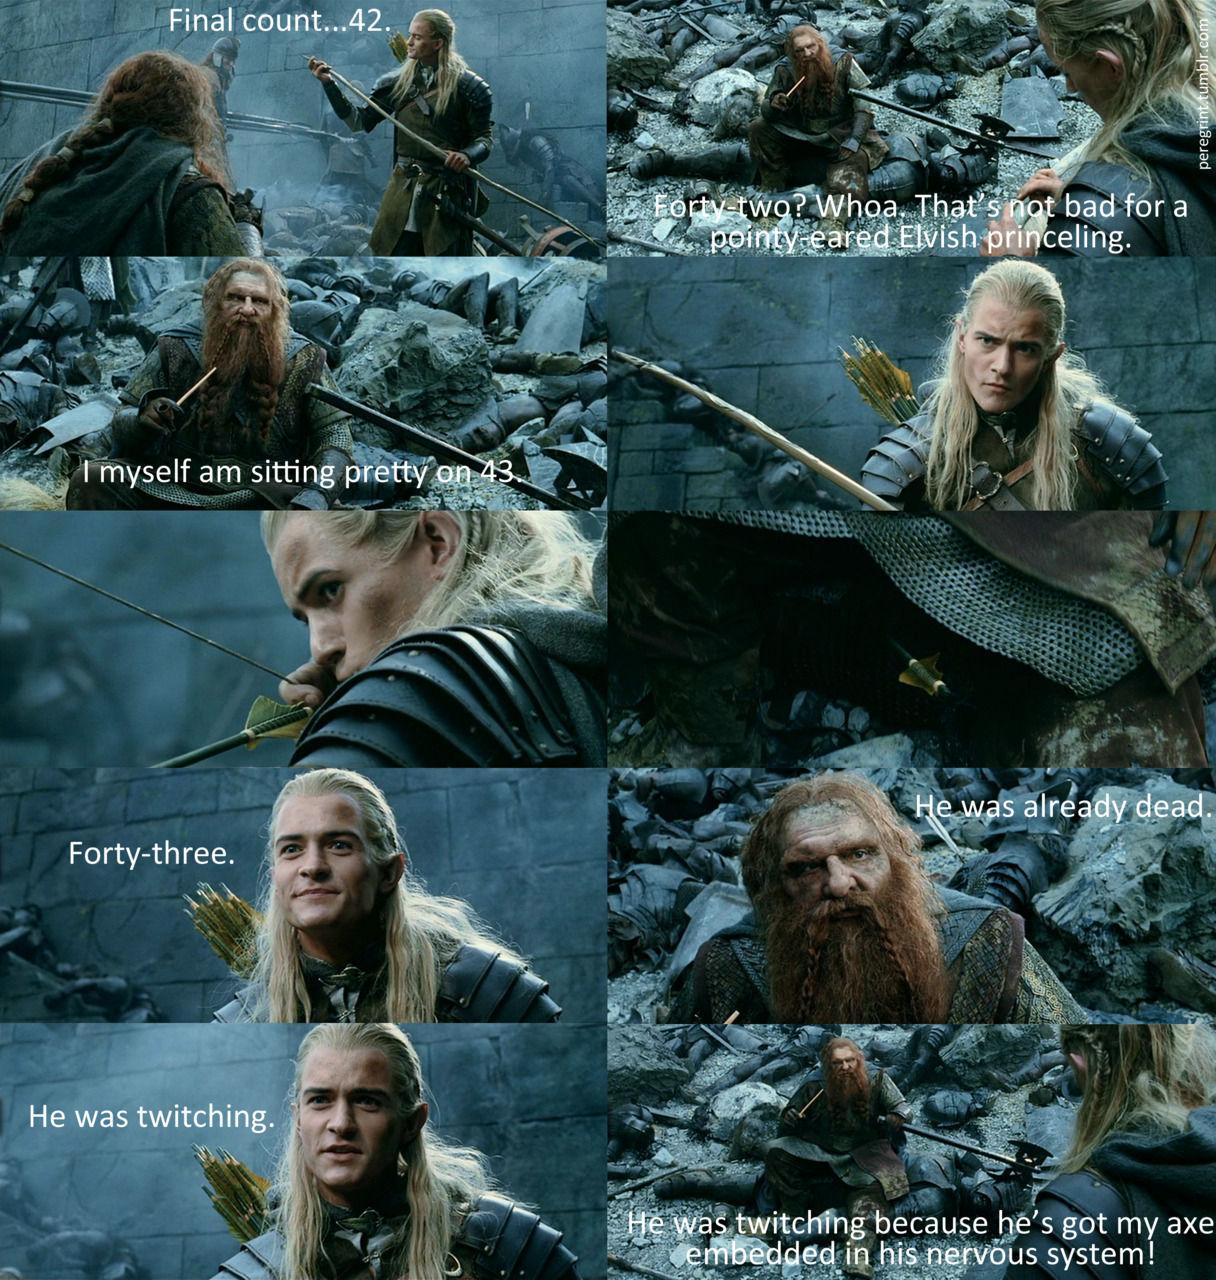 (Versión extendida) ¿Qué hubiera pasado si Legolas hubiera ganado en cantidad de asesinatos a Gimli en el Abismo de Helm?